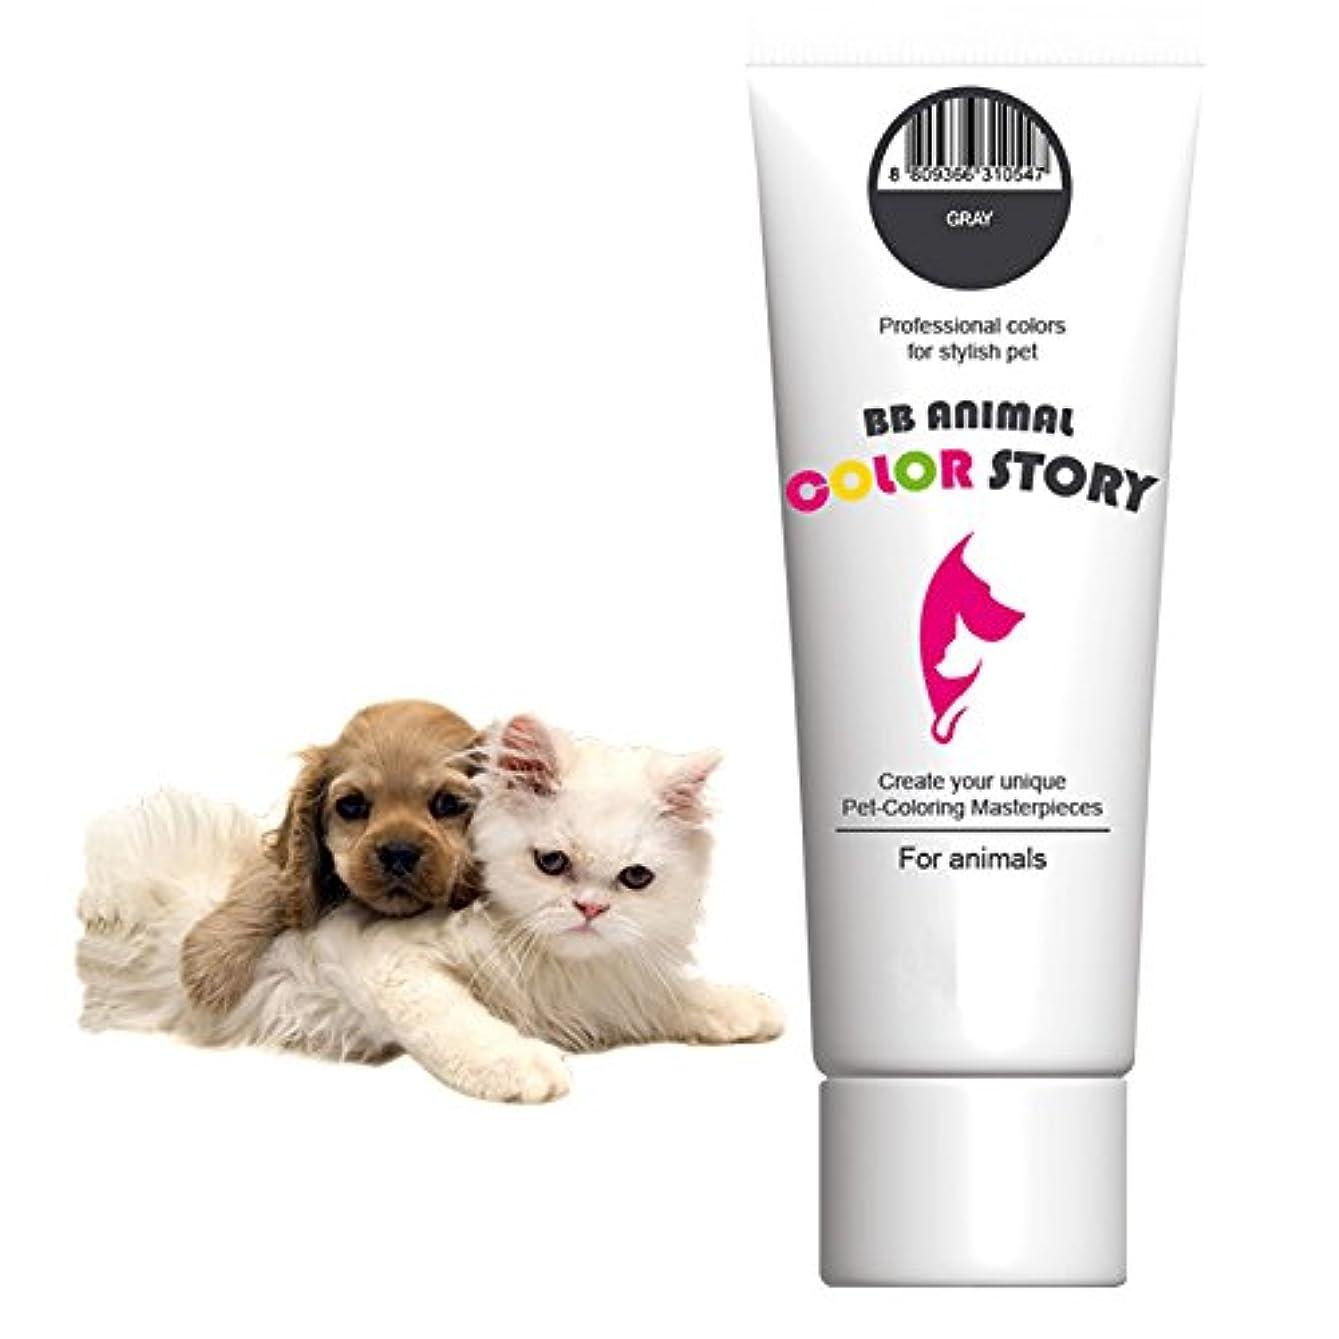 孤児摂動メンダシティ毛染め, 犬ヘアダイ, Gray, カラーリング Dog Hair Dye Hair Coloring Hair Bleach Professional Colors for Stylish Pet 50ml 並行輸入